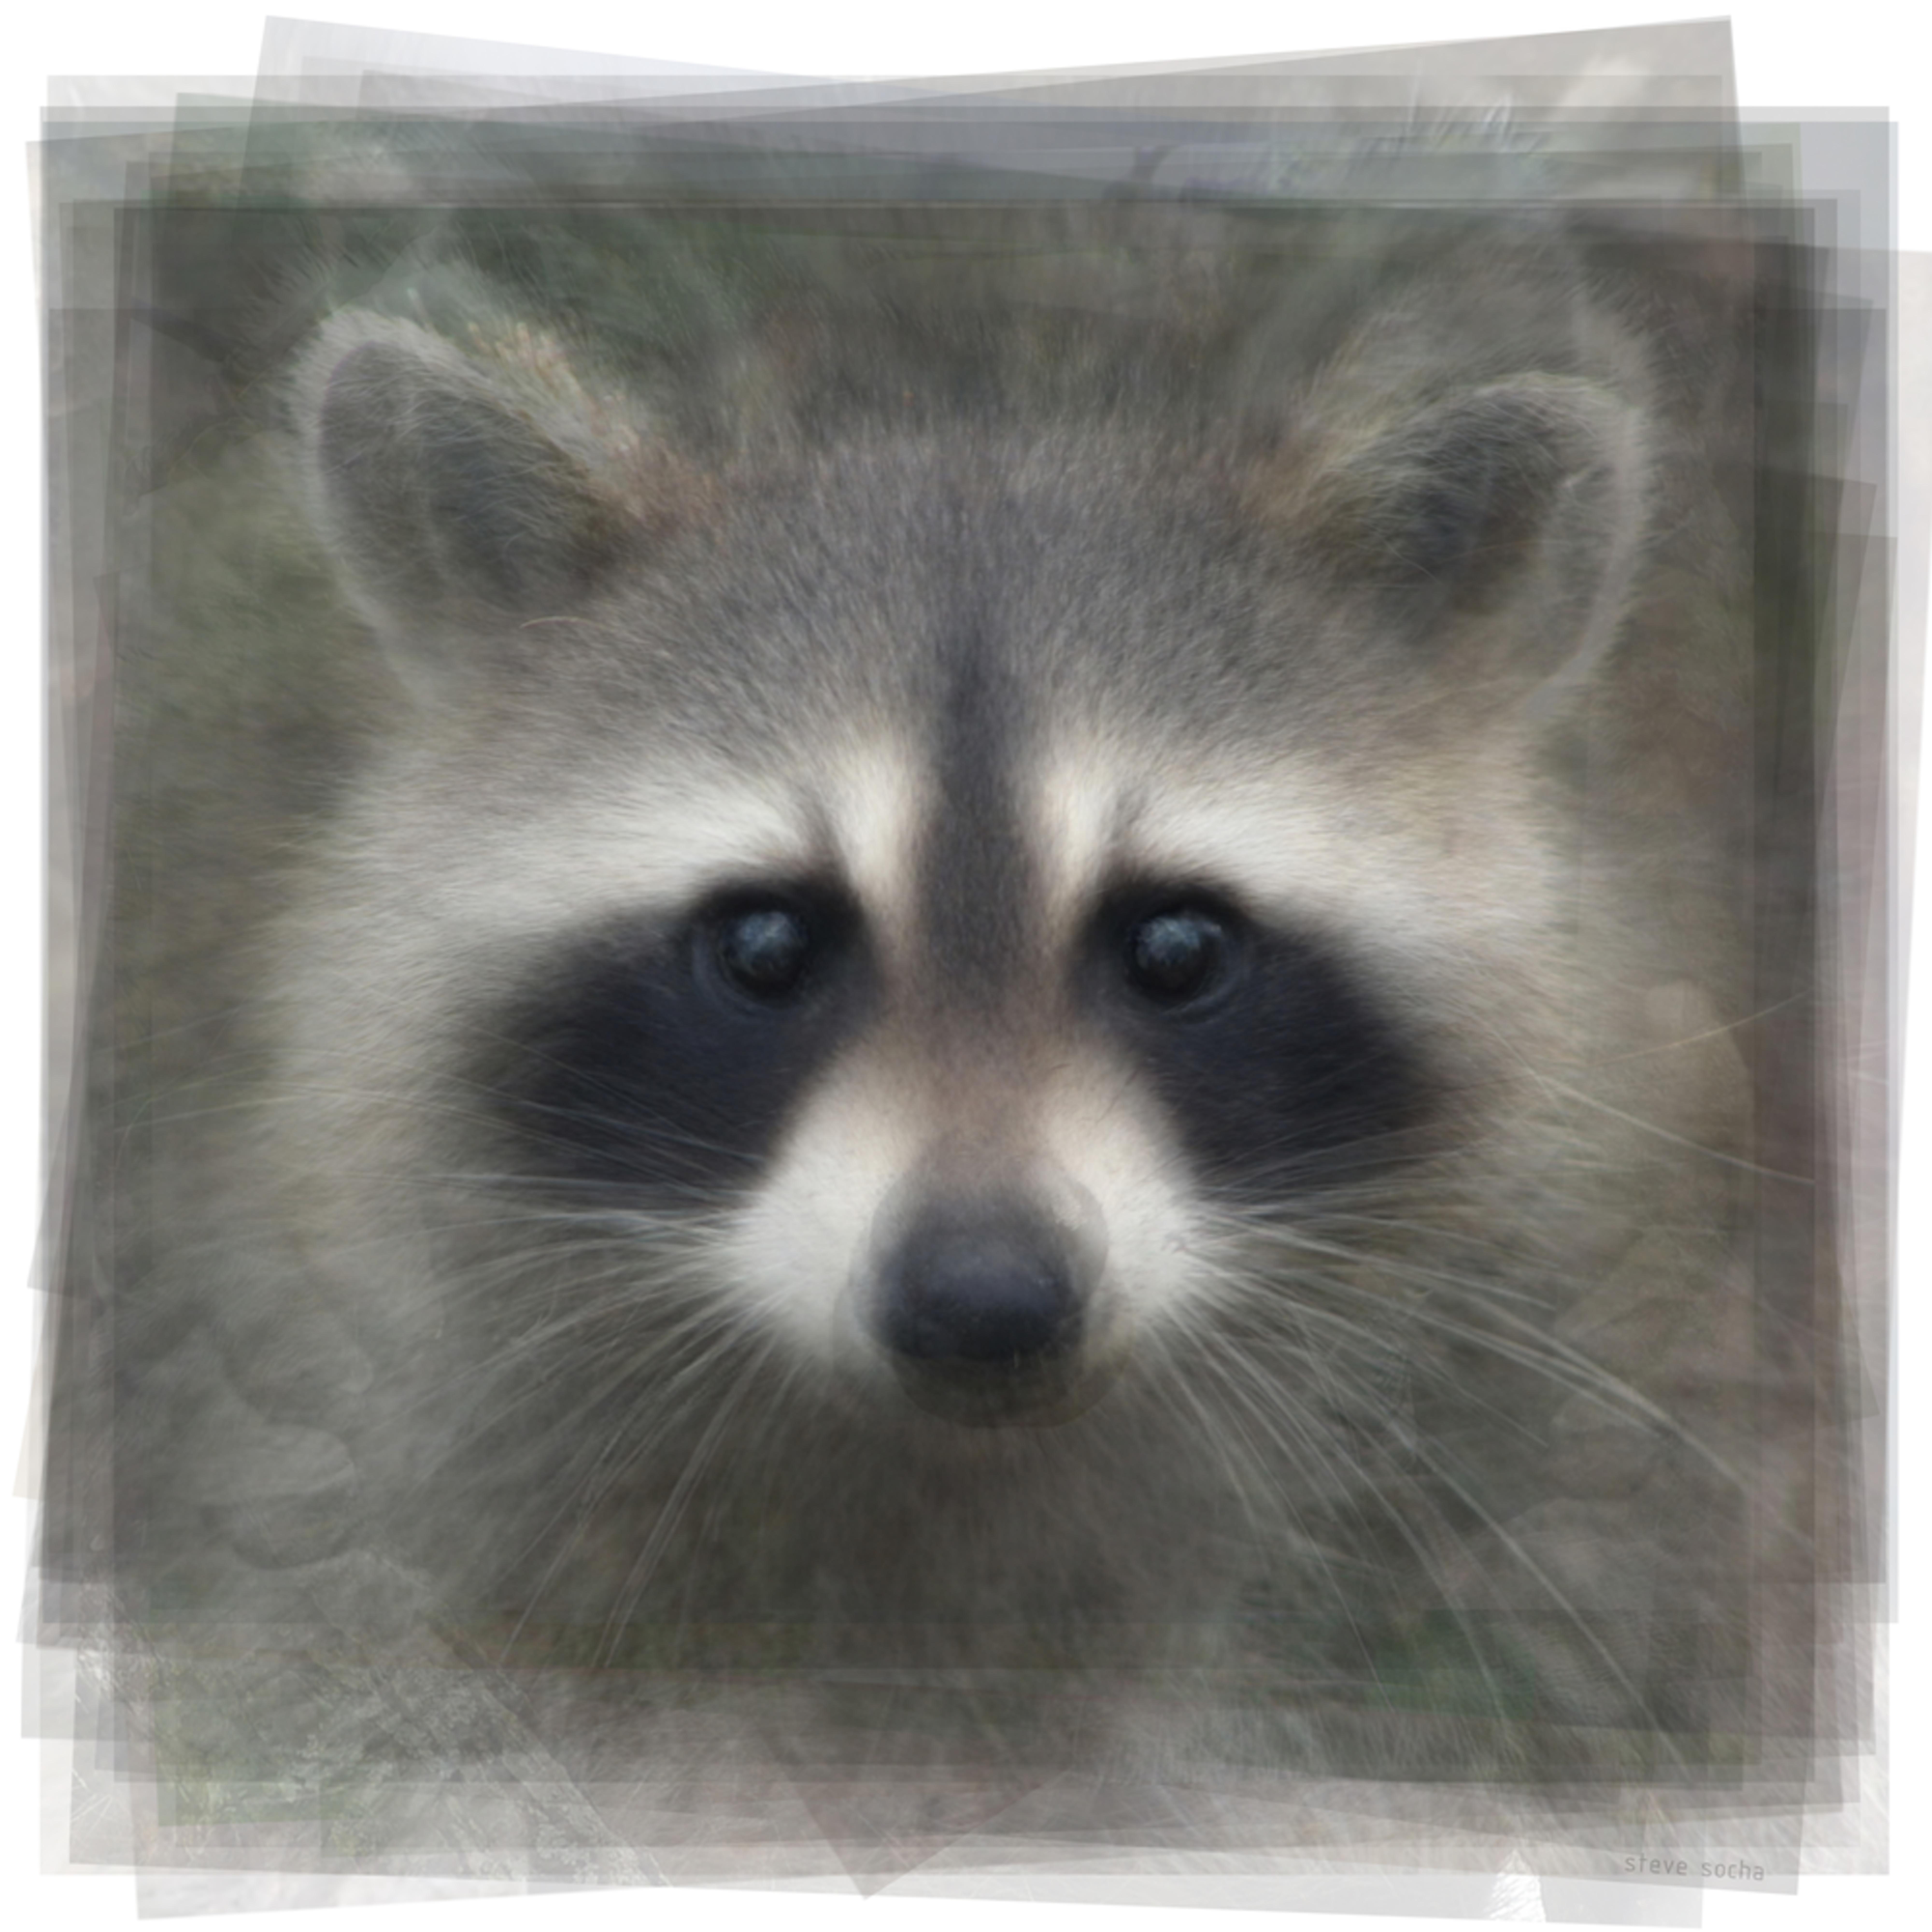 Raccoon jcwq2k